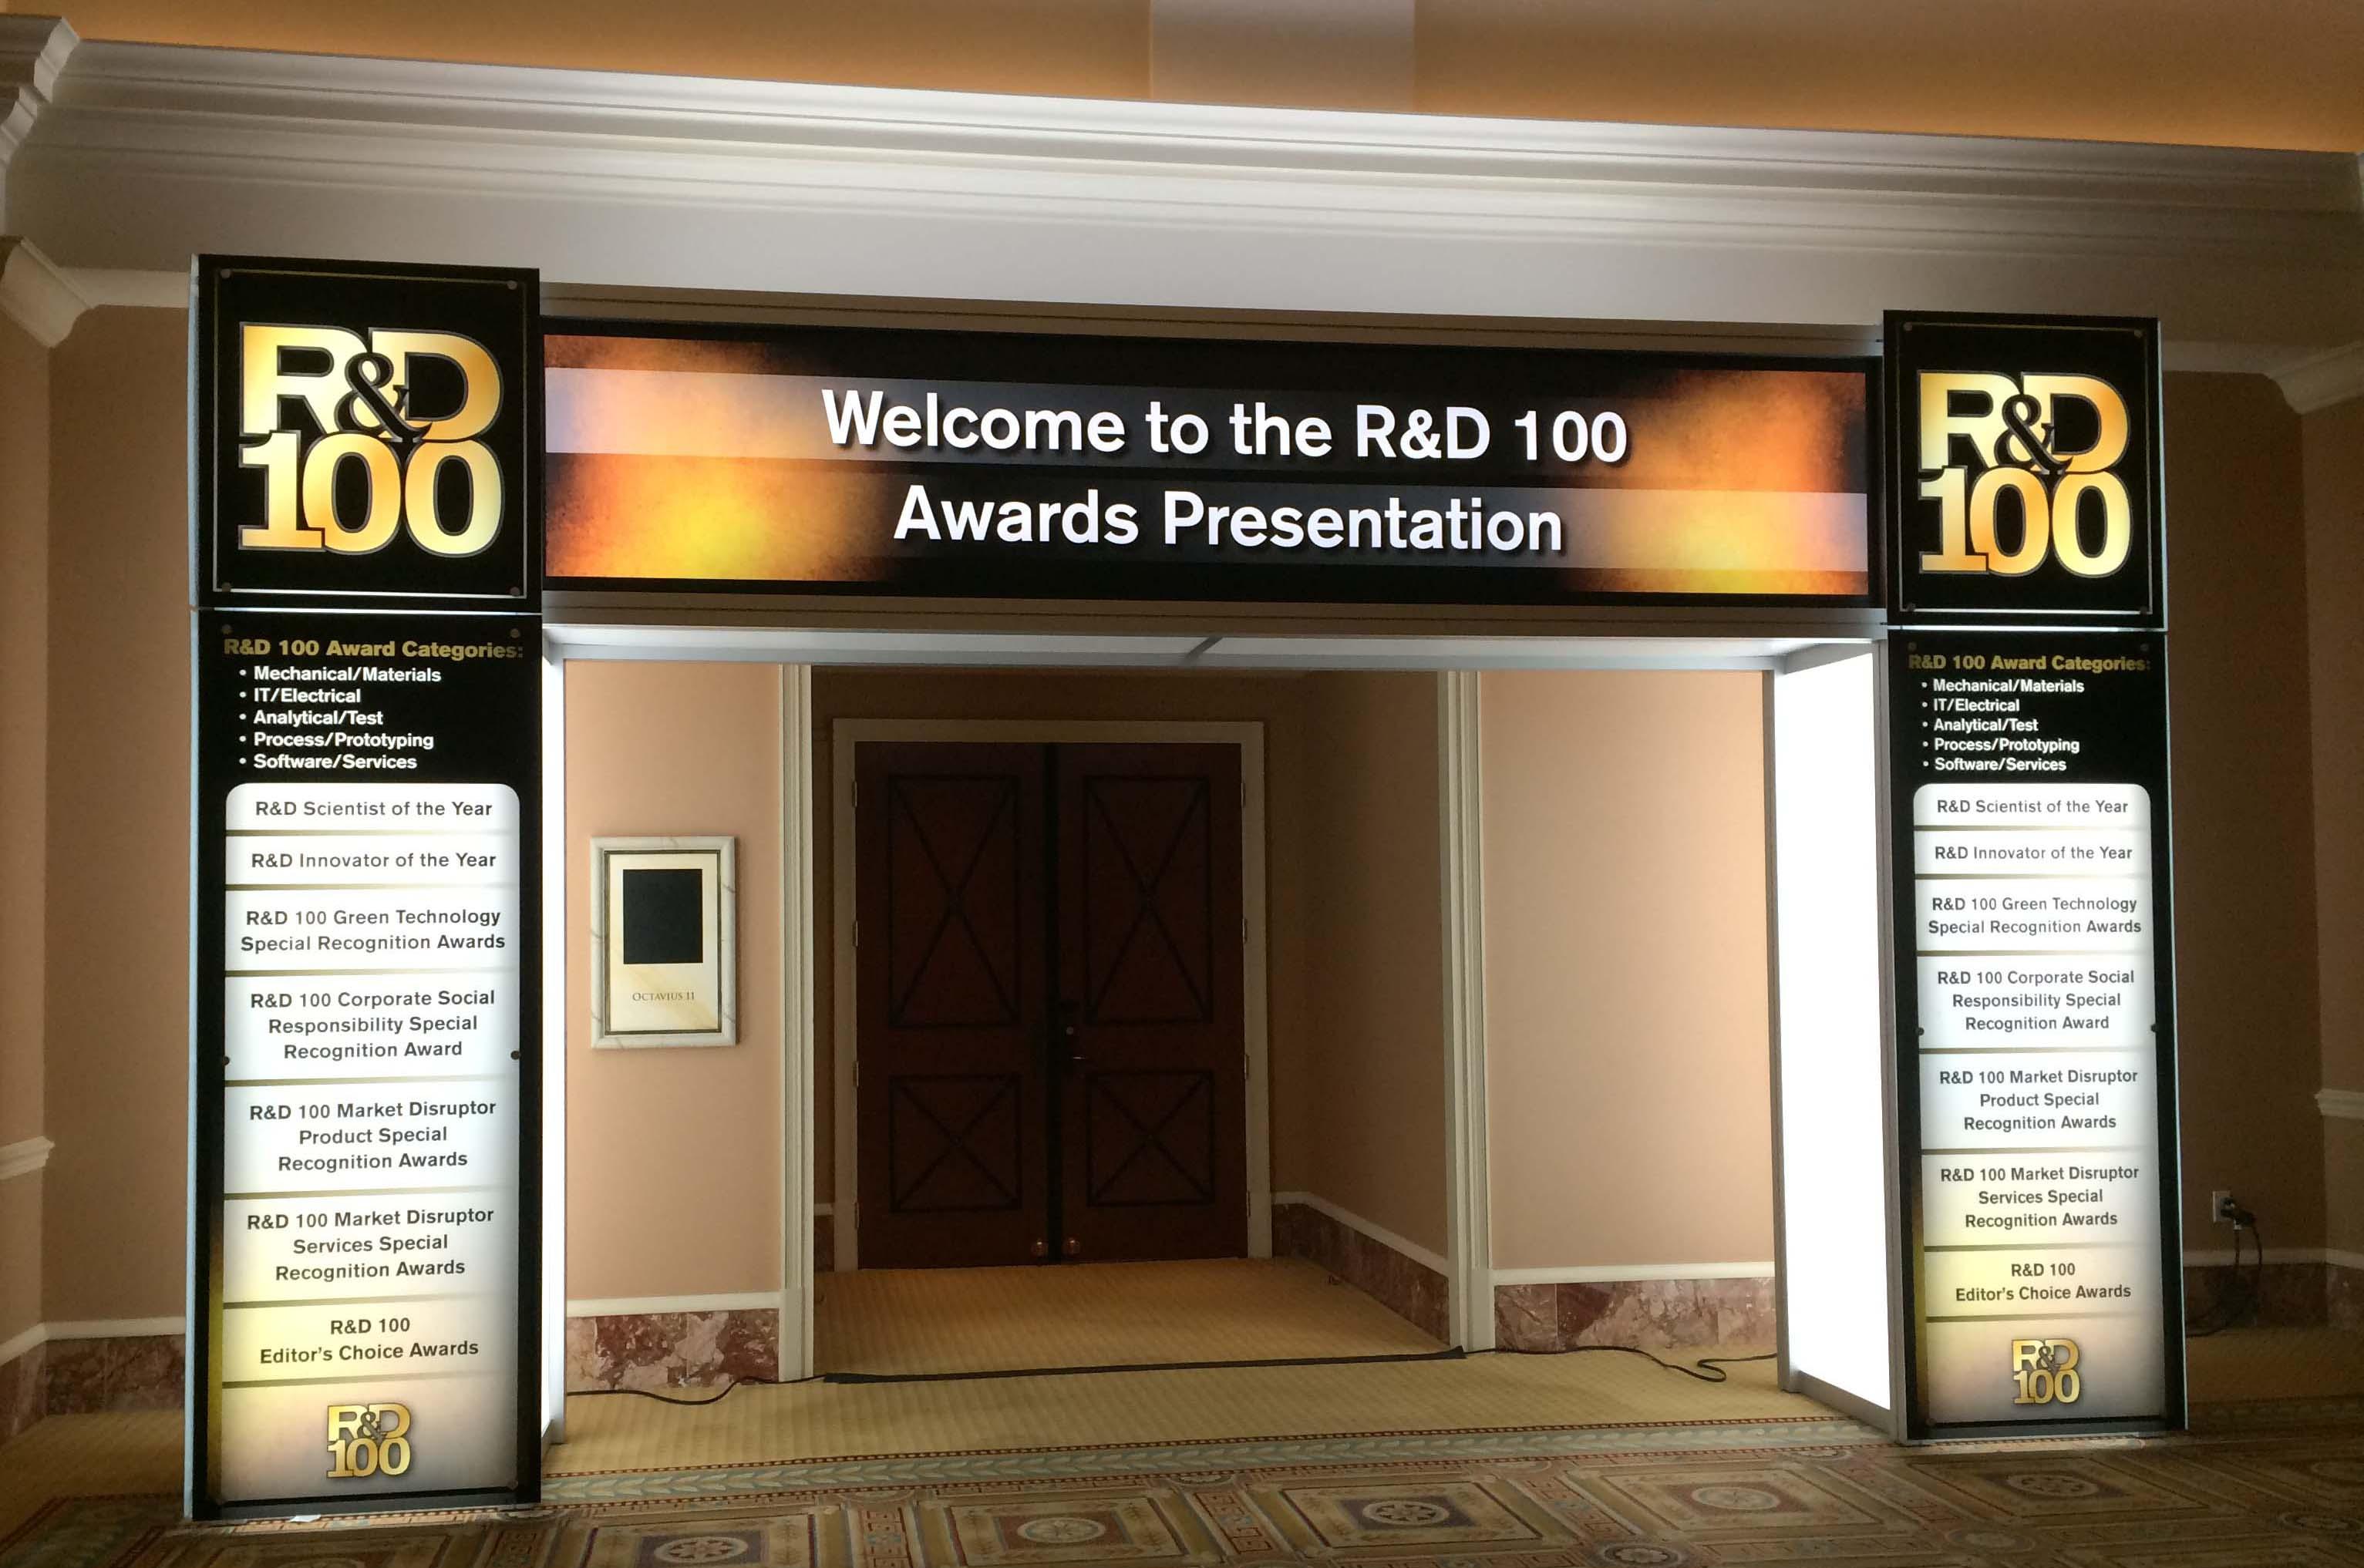 53rd R&D 100 Awards Entrance